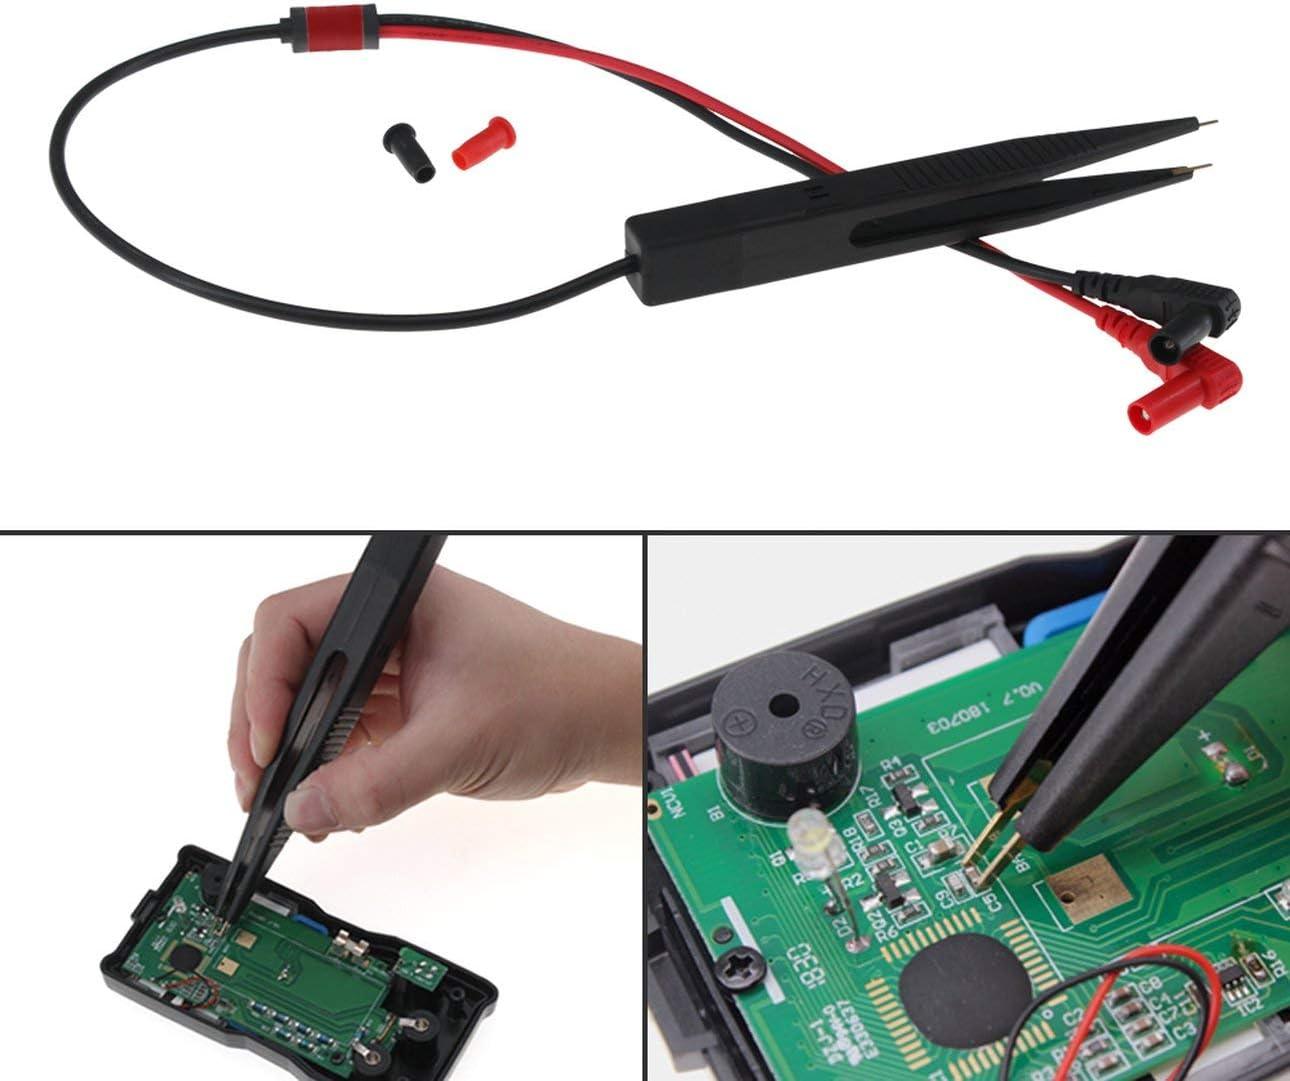 Ballylelly SA001 Pinza de Prueba Condensador SMD Pinza de cocodrilo para mult/ímetro Sonda Cables Accesorios Pinzas de Inductor Aguja de Alambre